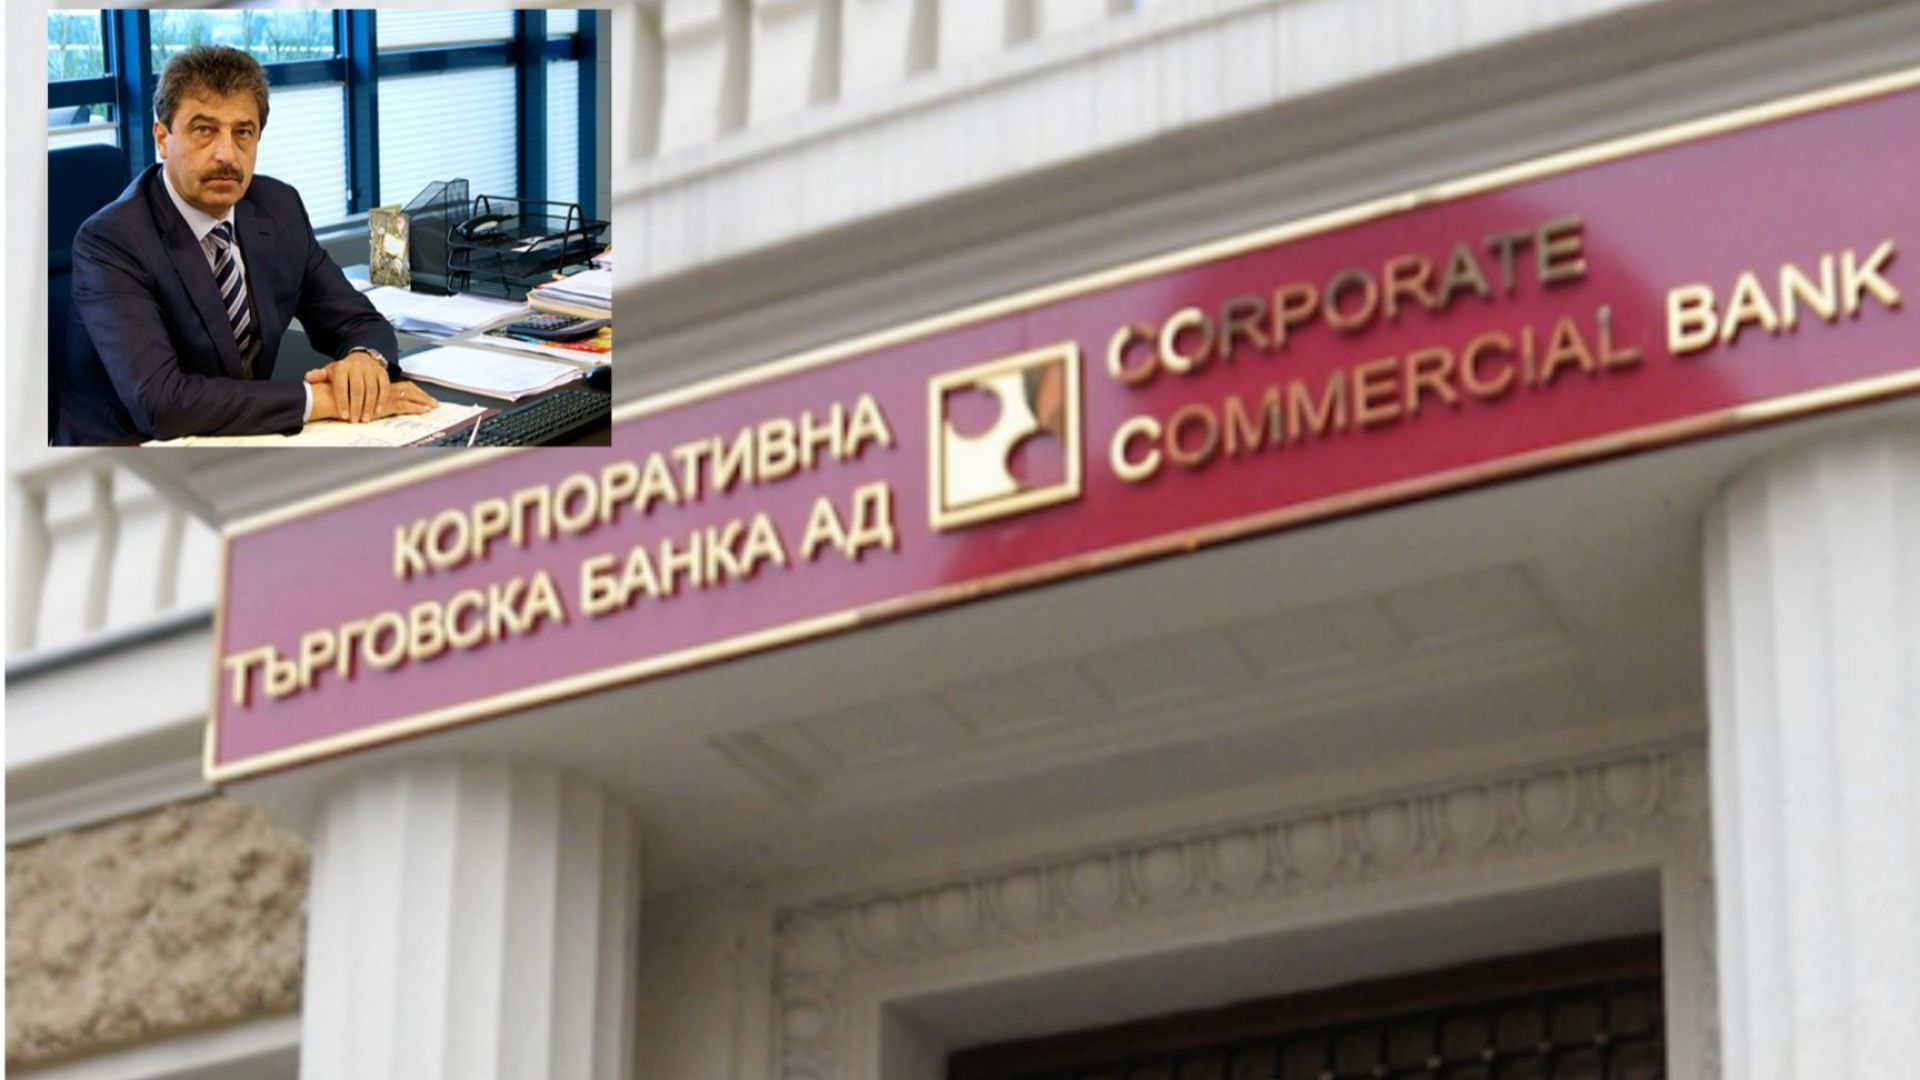 Делото за конфискация на над 2 млрд. от Цветан Василев тръгва пак след 2 г. пауза